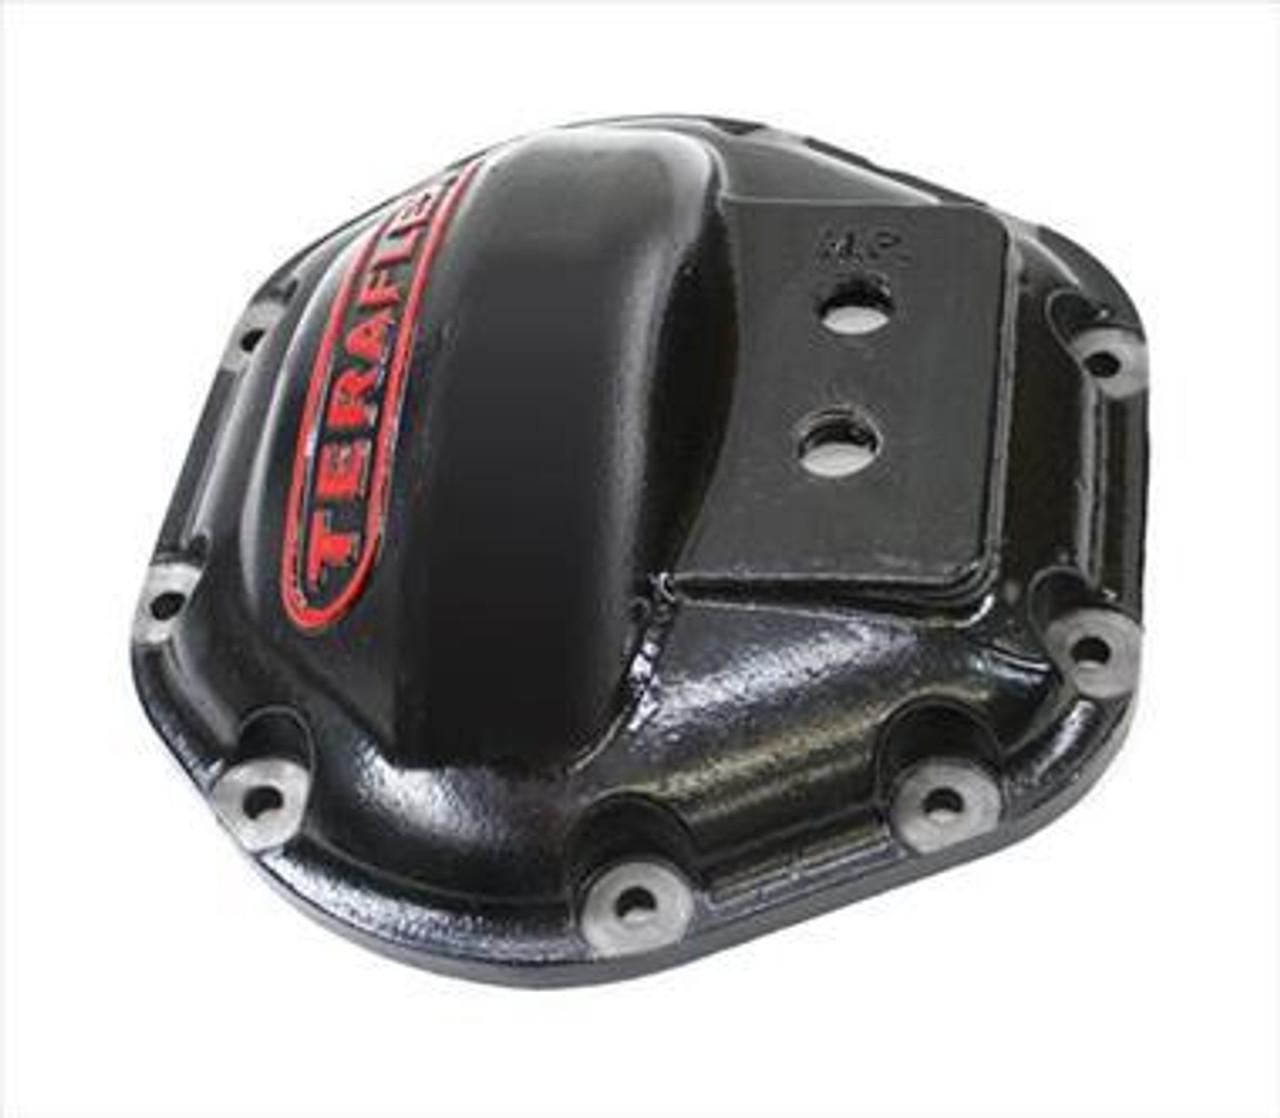 TeraFlex Dana 44 Diff Cover for Rubicon and Non-Rubicon Jeep Wrangler JK